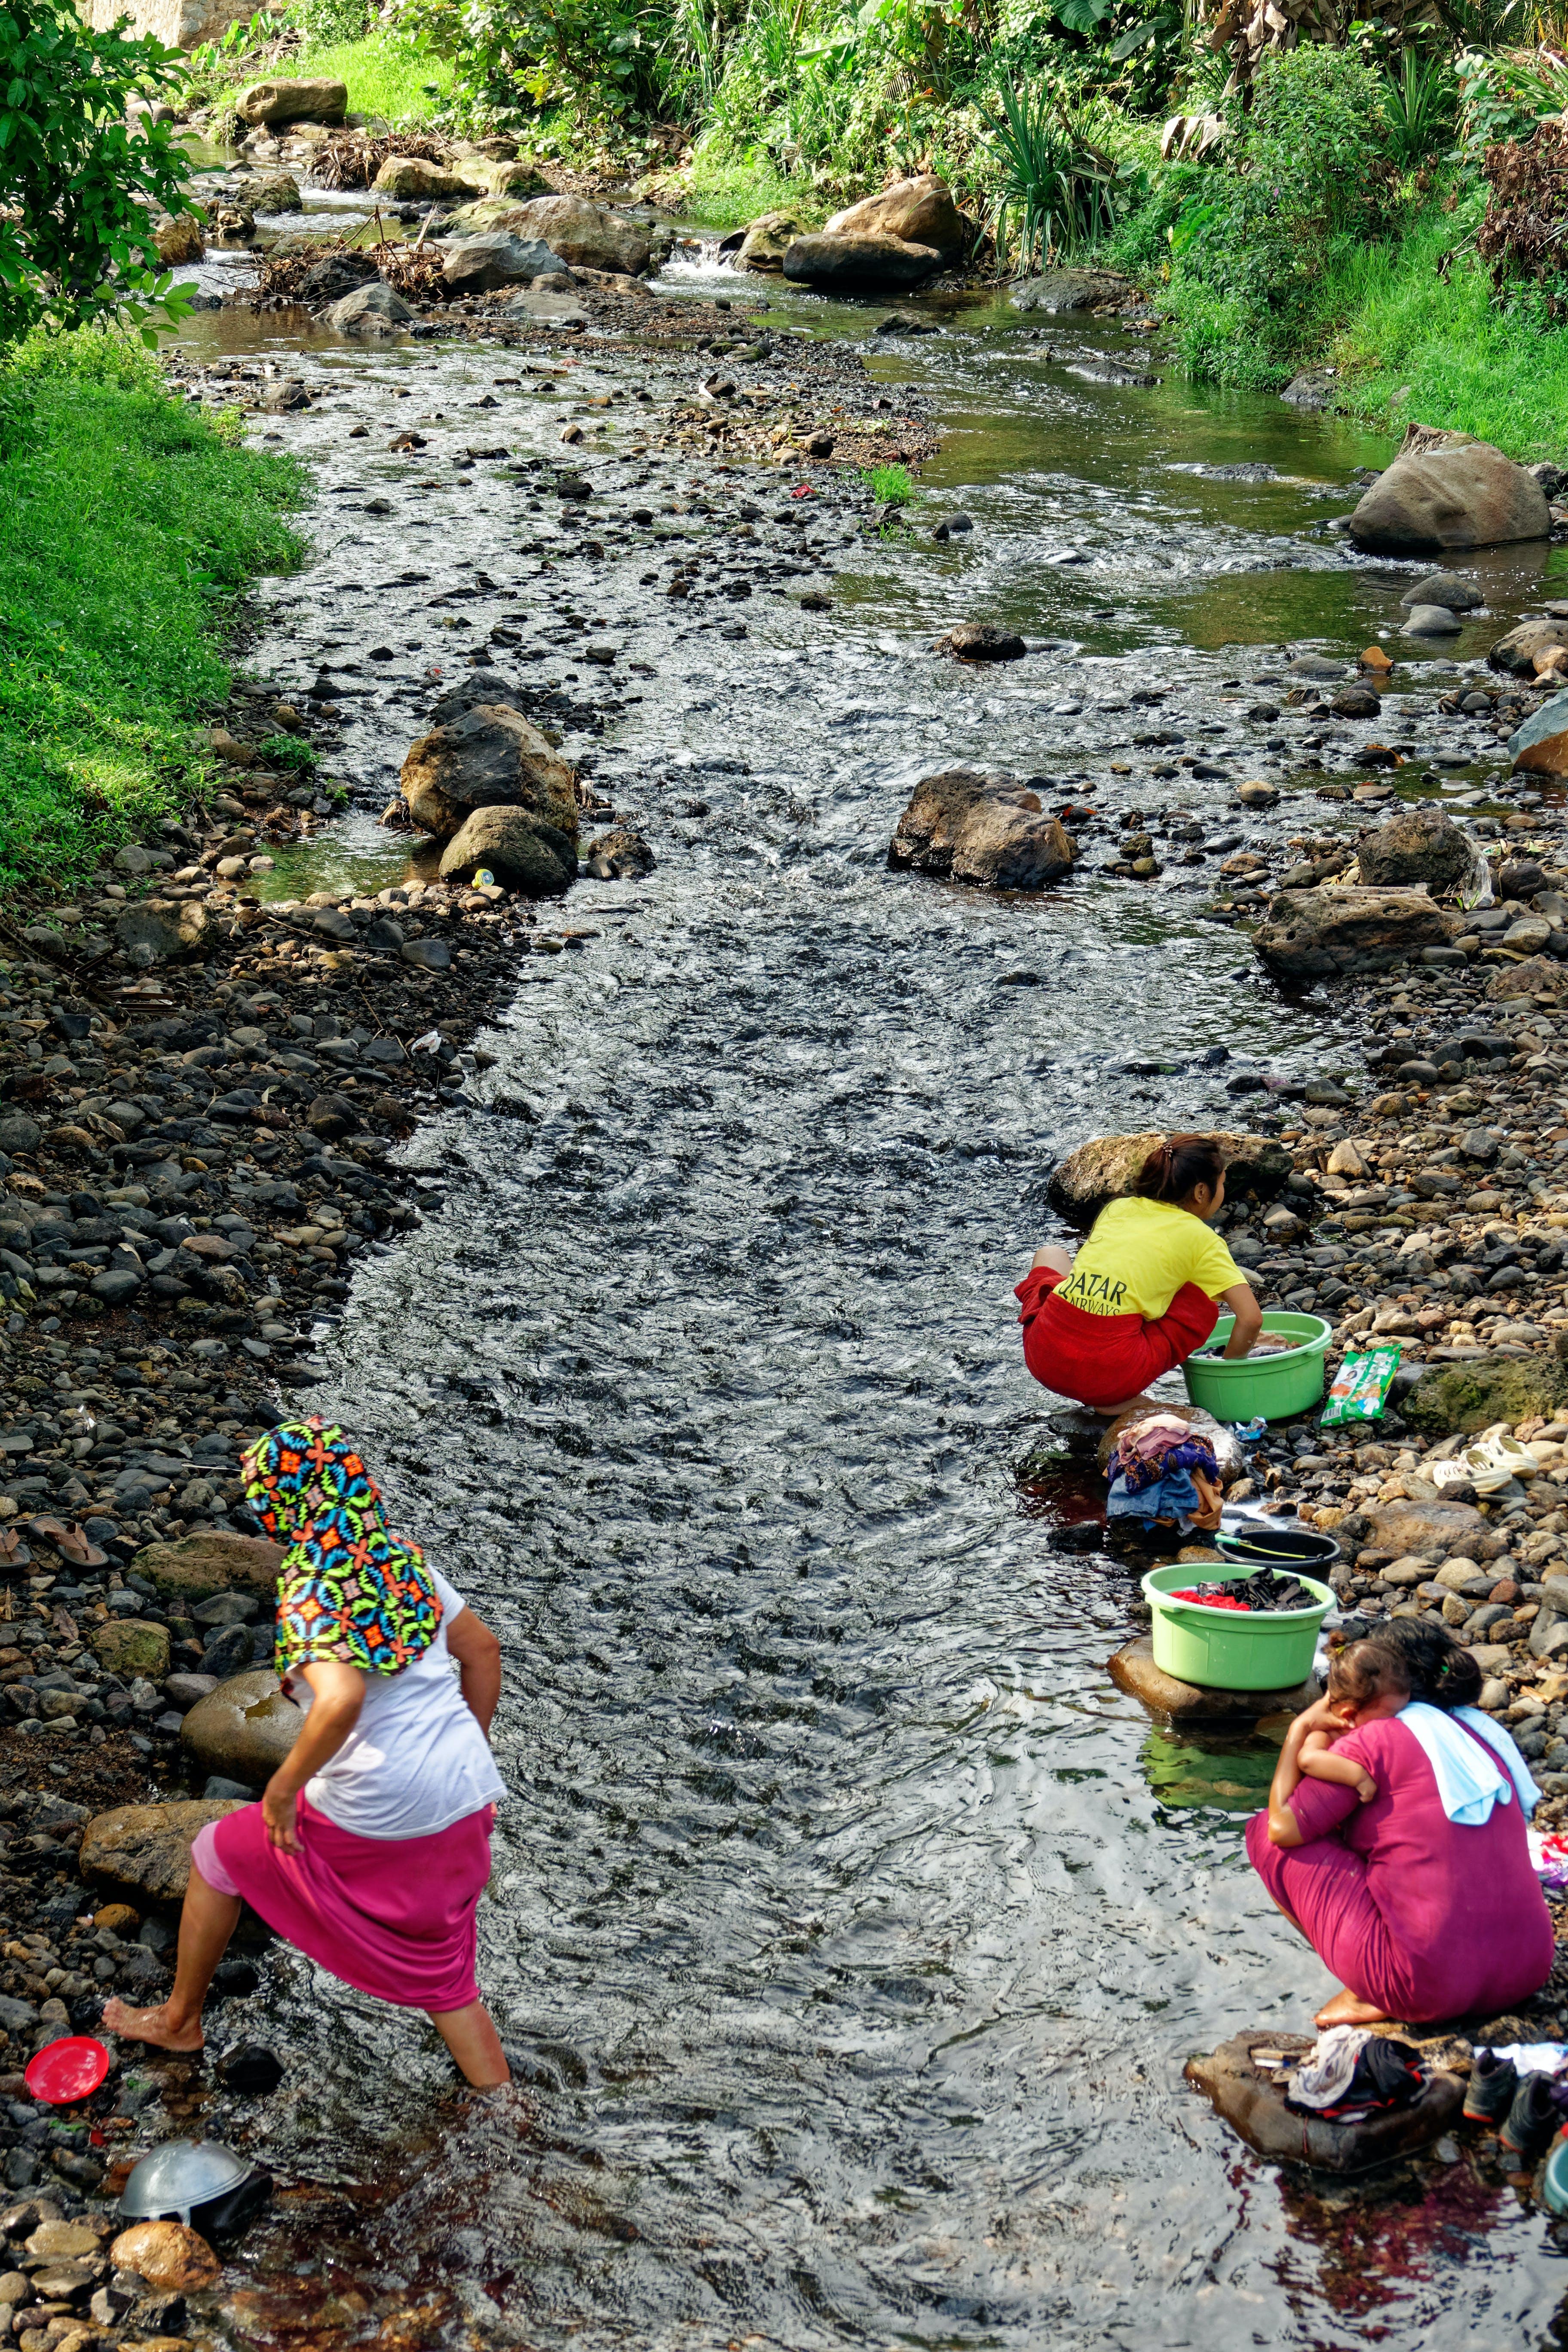 印尼, 女性, 日光, 流 的